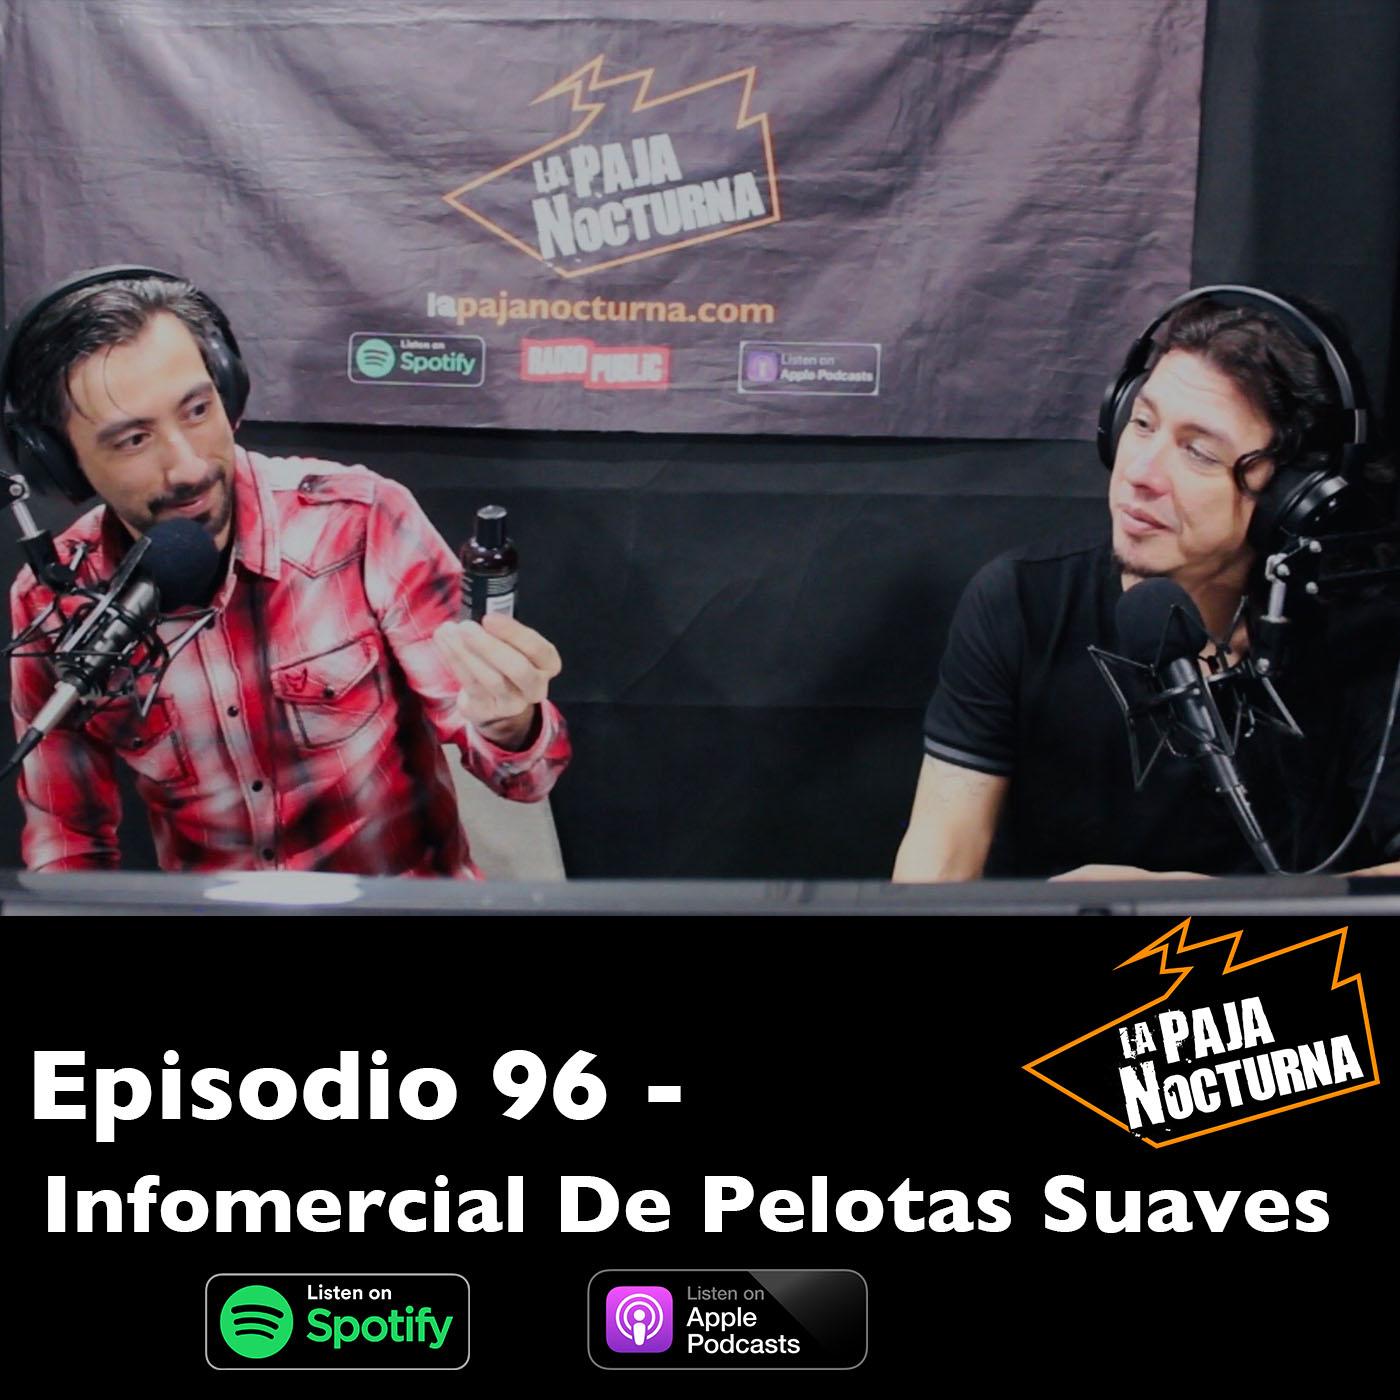 La paja nocturna podcast Episodio 96